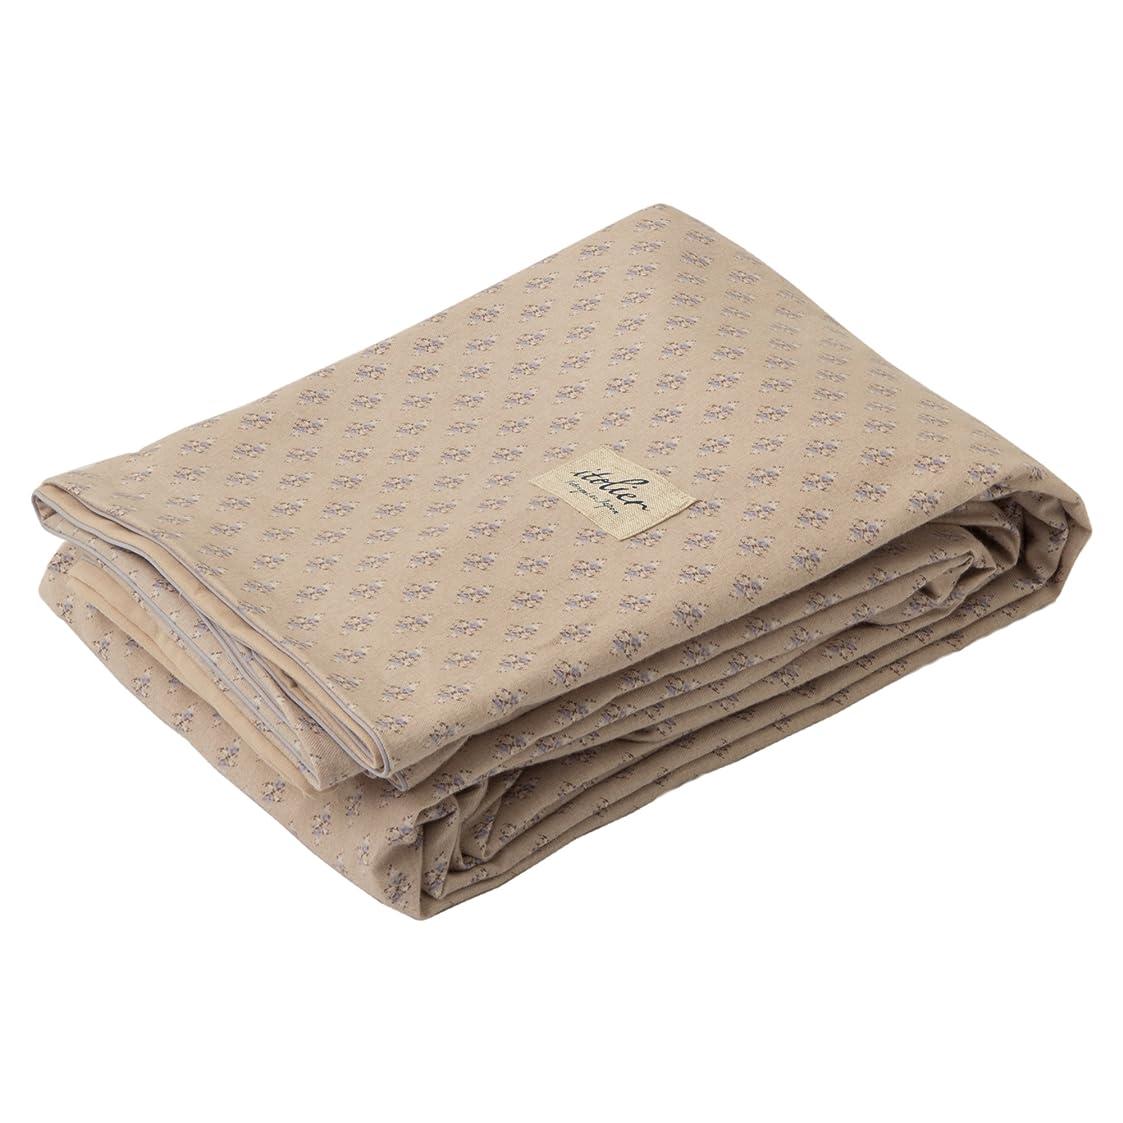 叫び声デュアルそこから西川(Nishikawa) 掛け布団カバー ベージュ シングル 日本製 綿100% イトリエ ナチュラルプリント柄 PI08800049BE